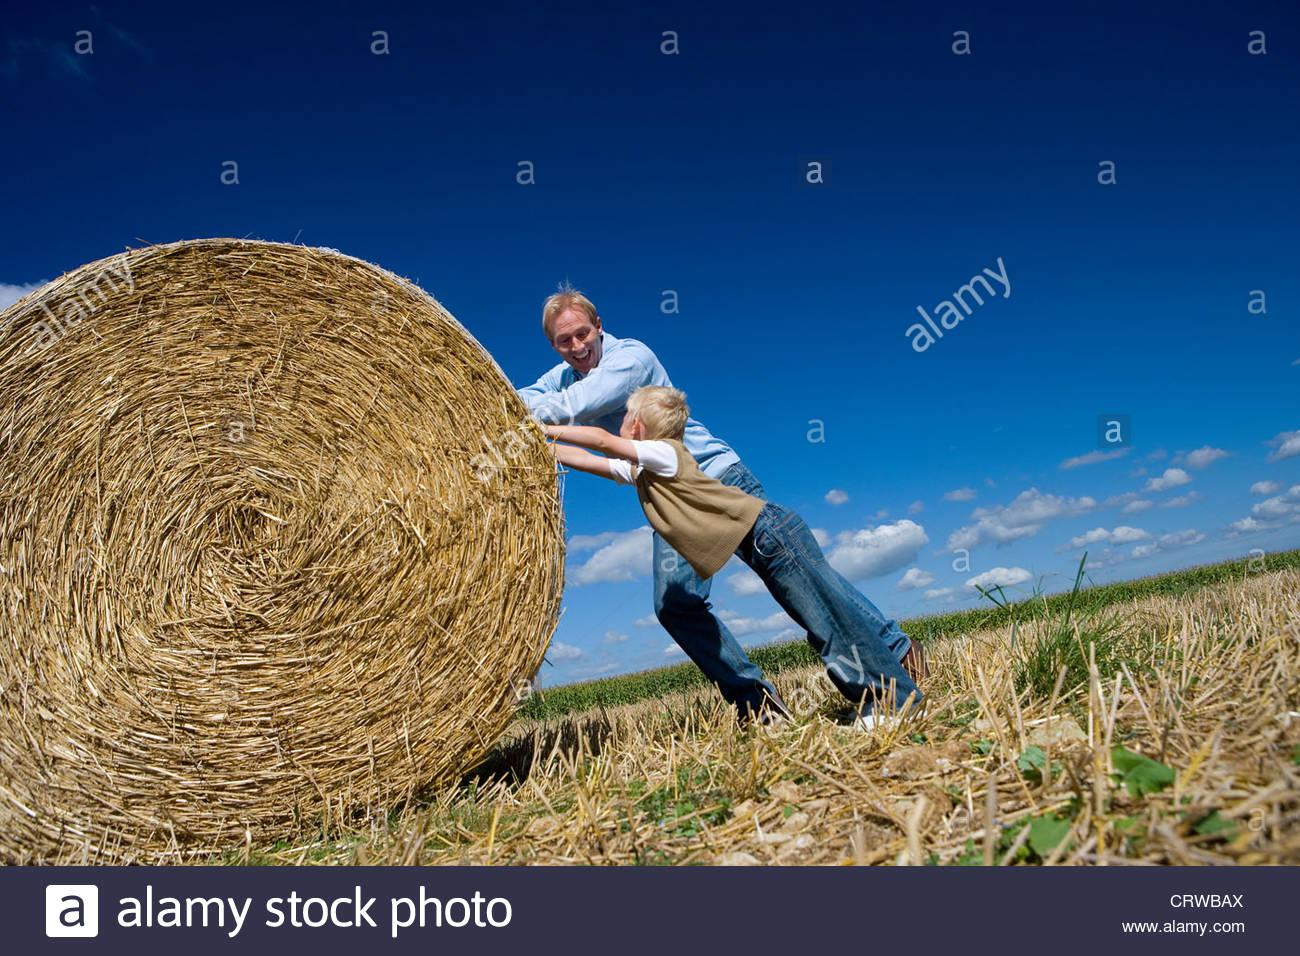 El padre y el hijo (7-9) empuja el fardo de heno en el campo (inclinación) Imagen De Stock